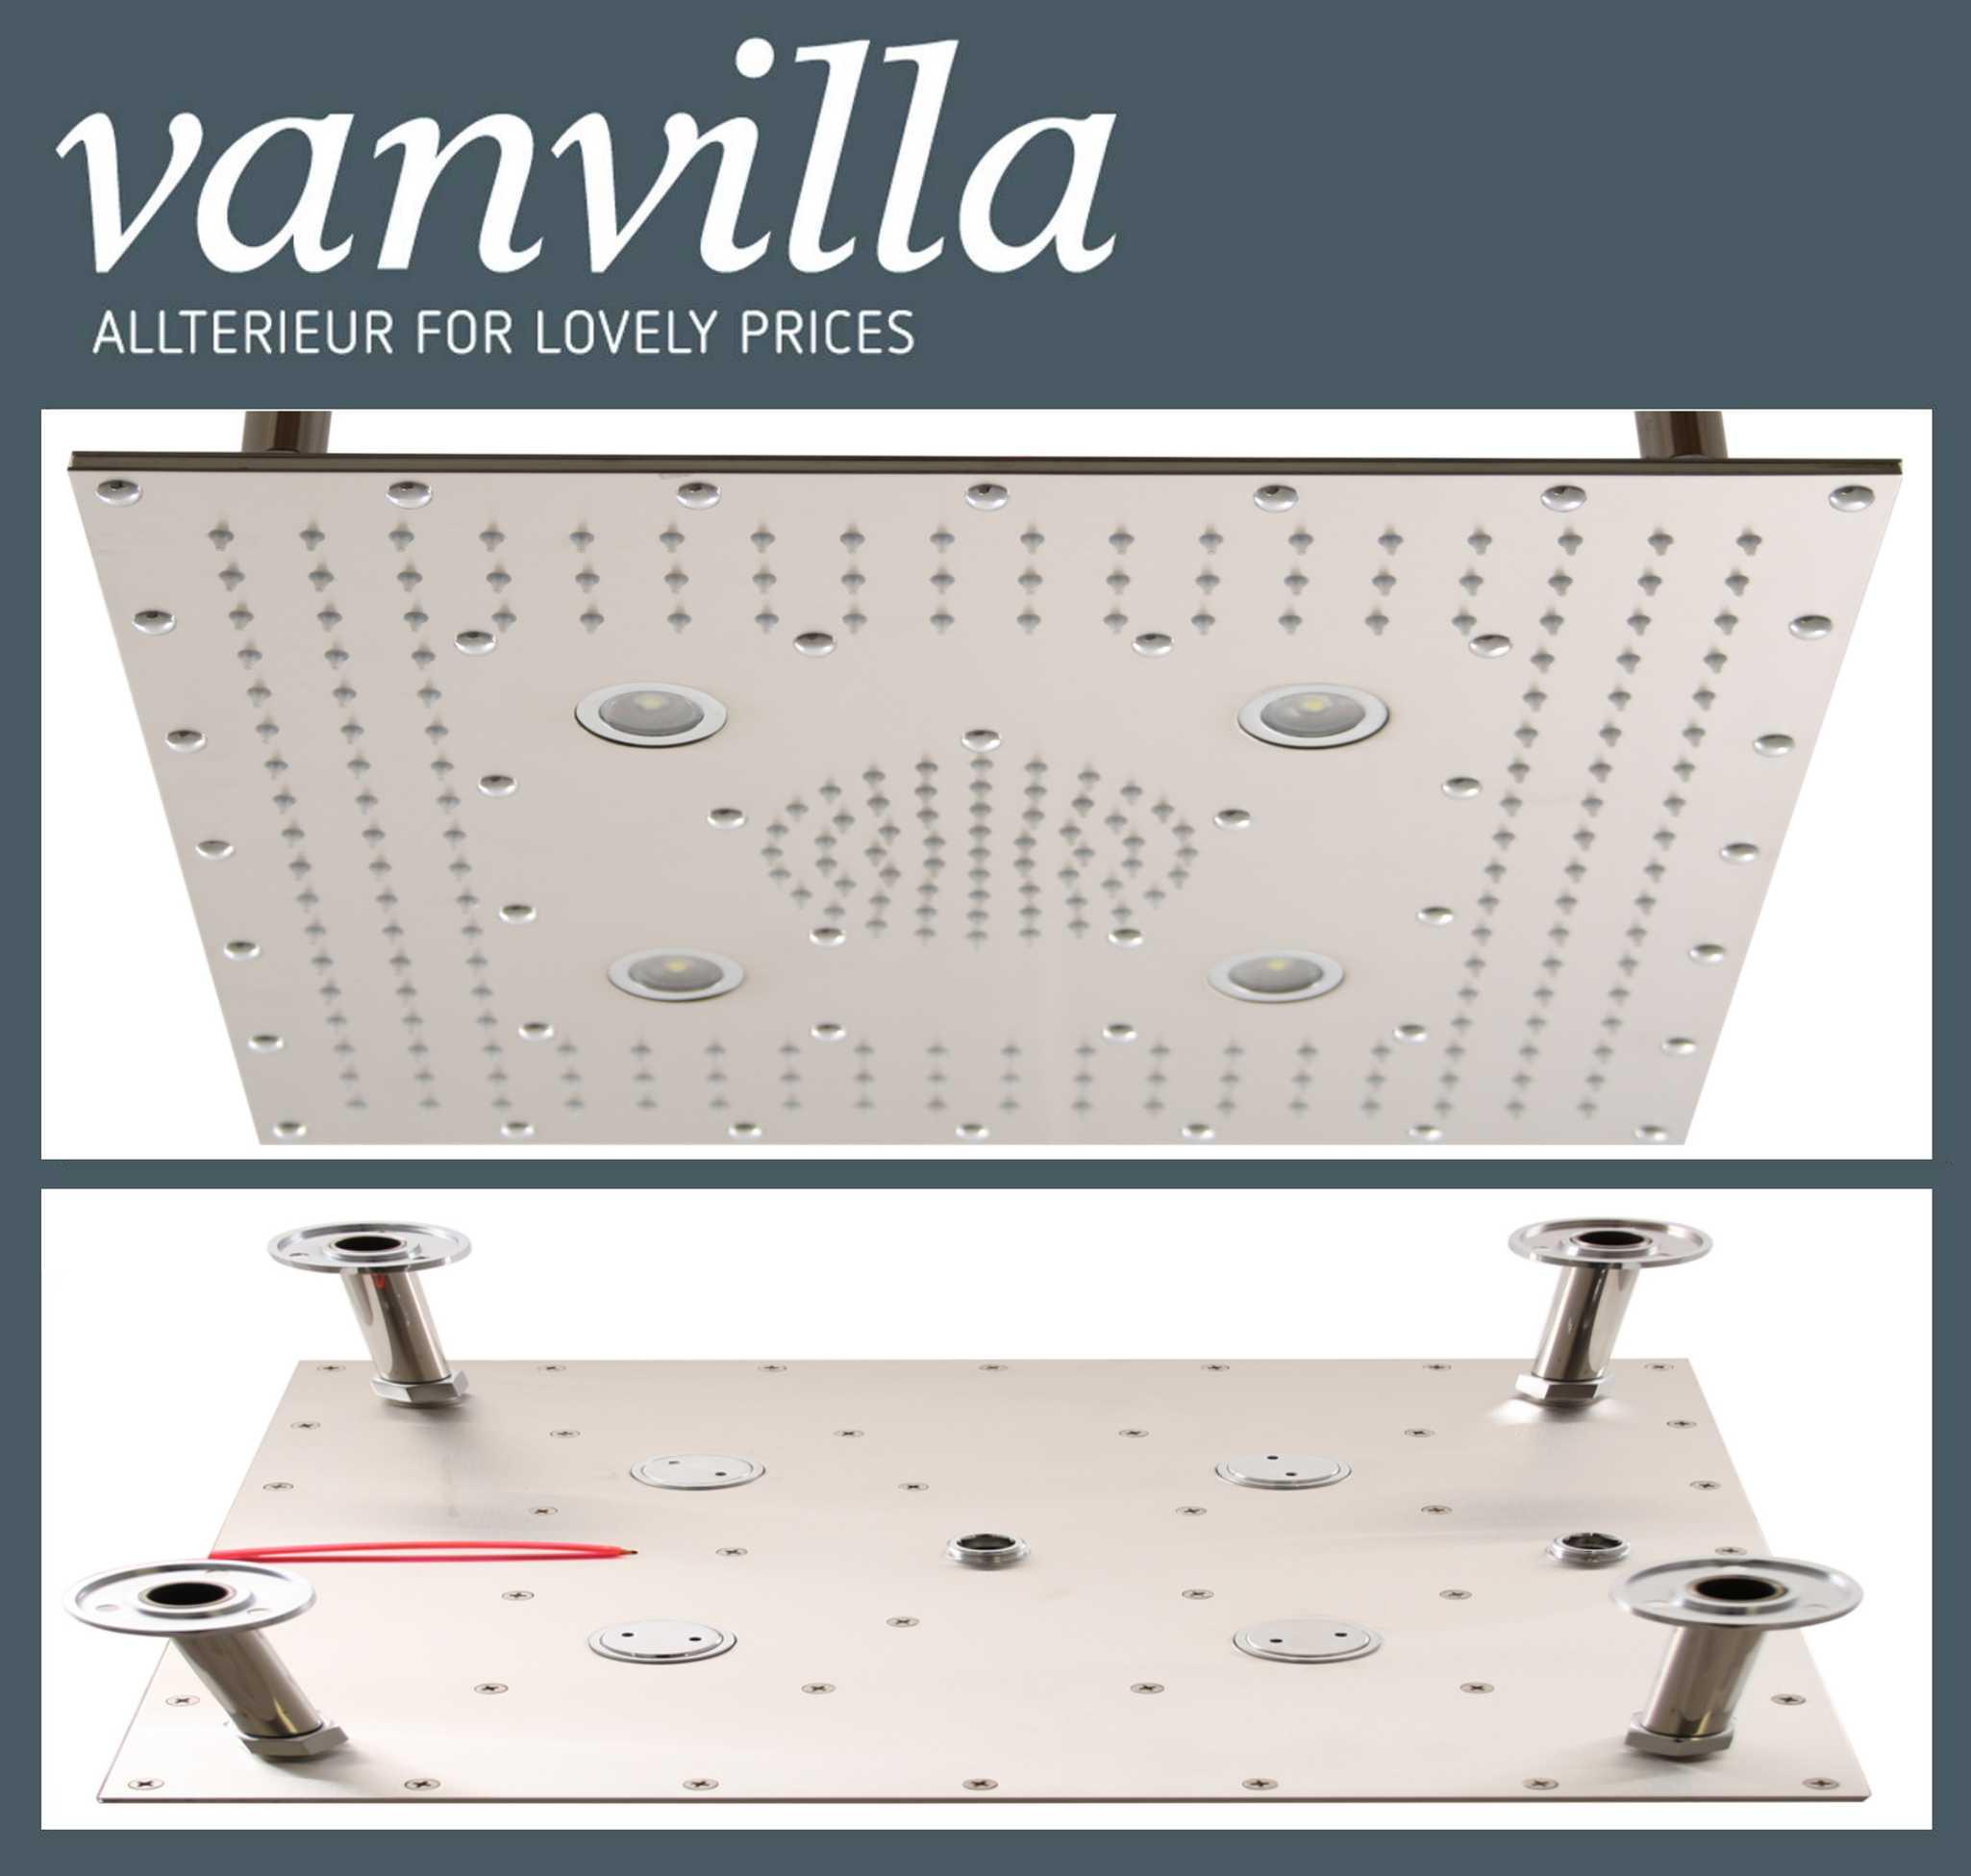 Duschkopf vanvilla Slim Design LED, 40cm x 40cm, Edelstahl gebürstet ...